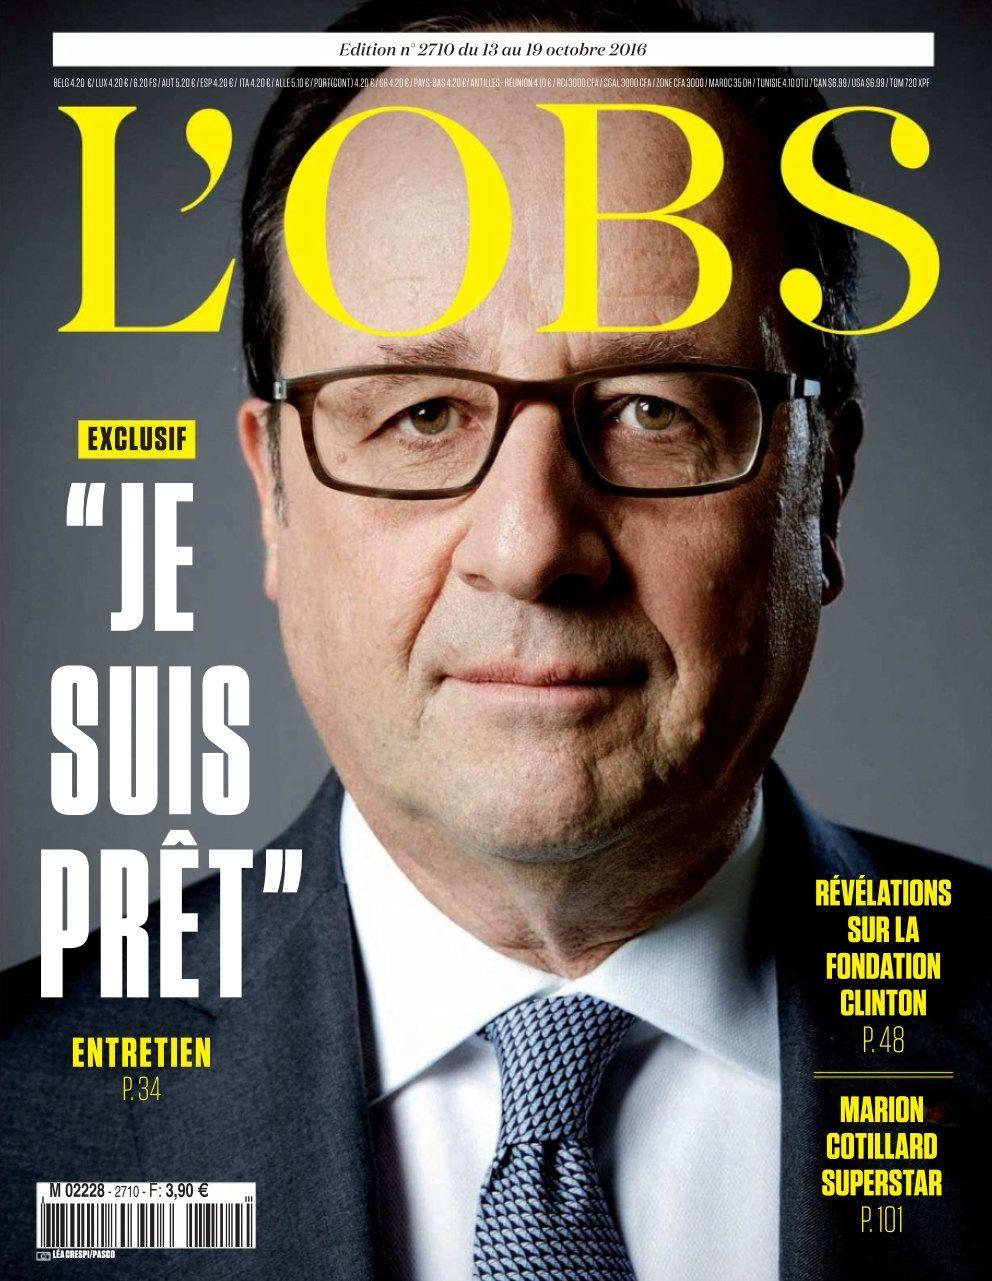 NUR ALS ZITAT! / EINMALIGE VERWENDUNG Hollande / Buch / 2016 / L`OBS Cover